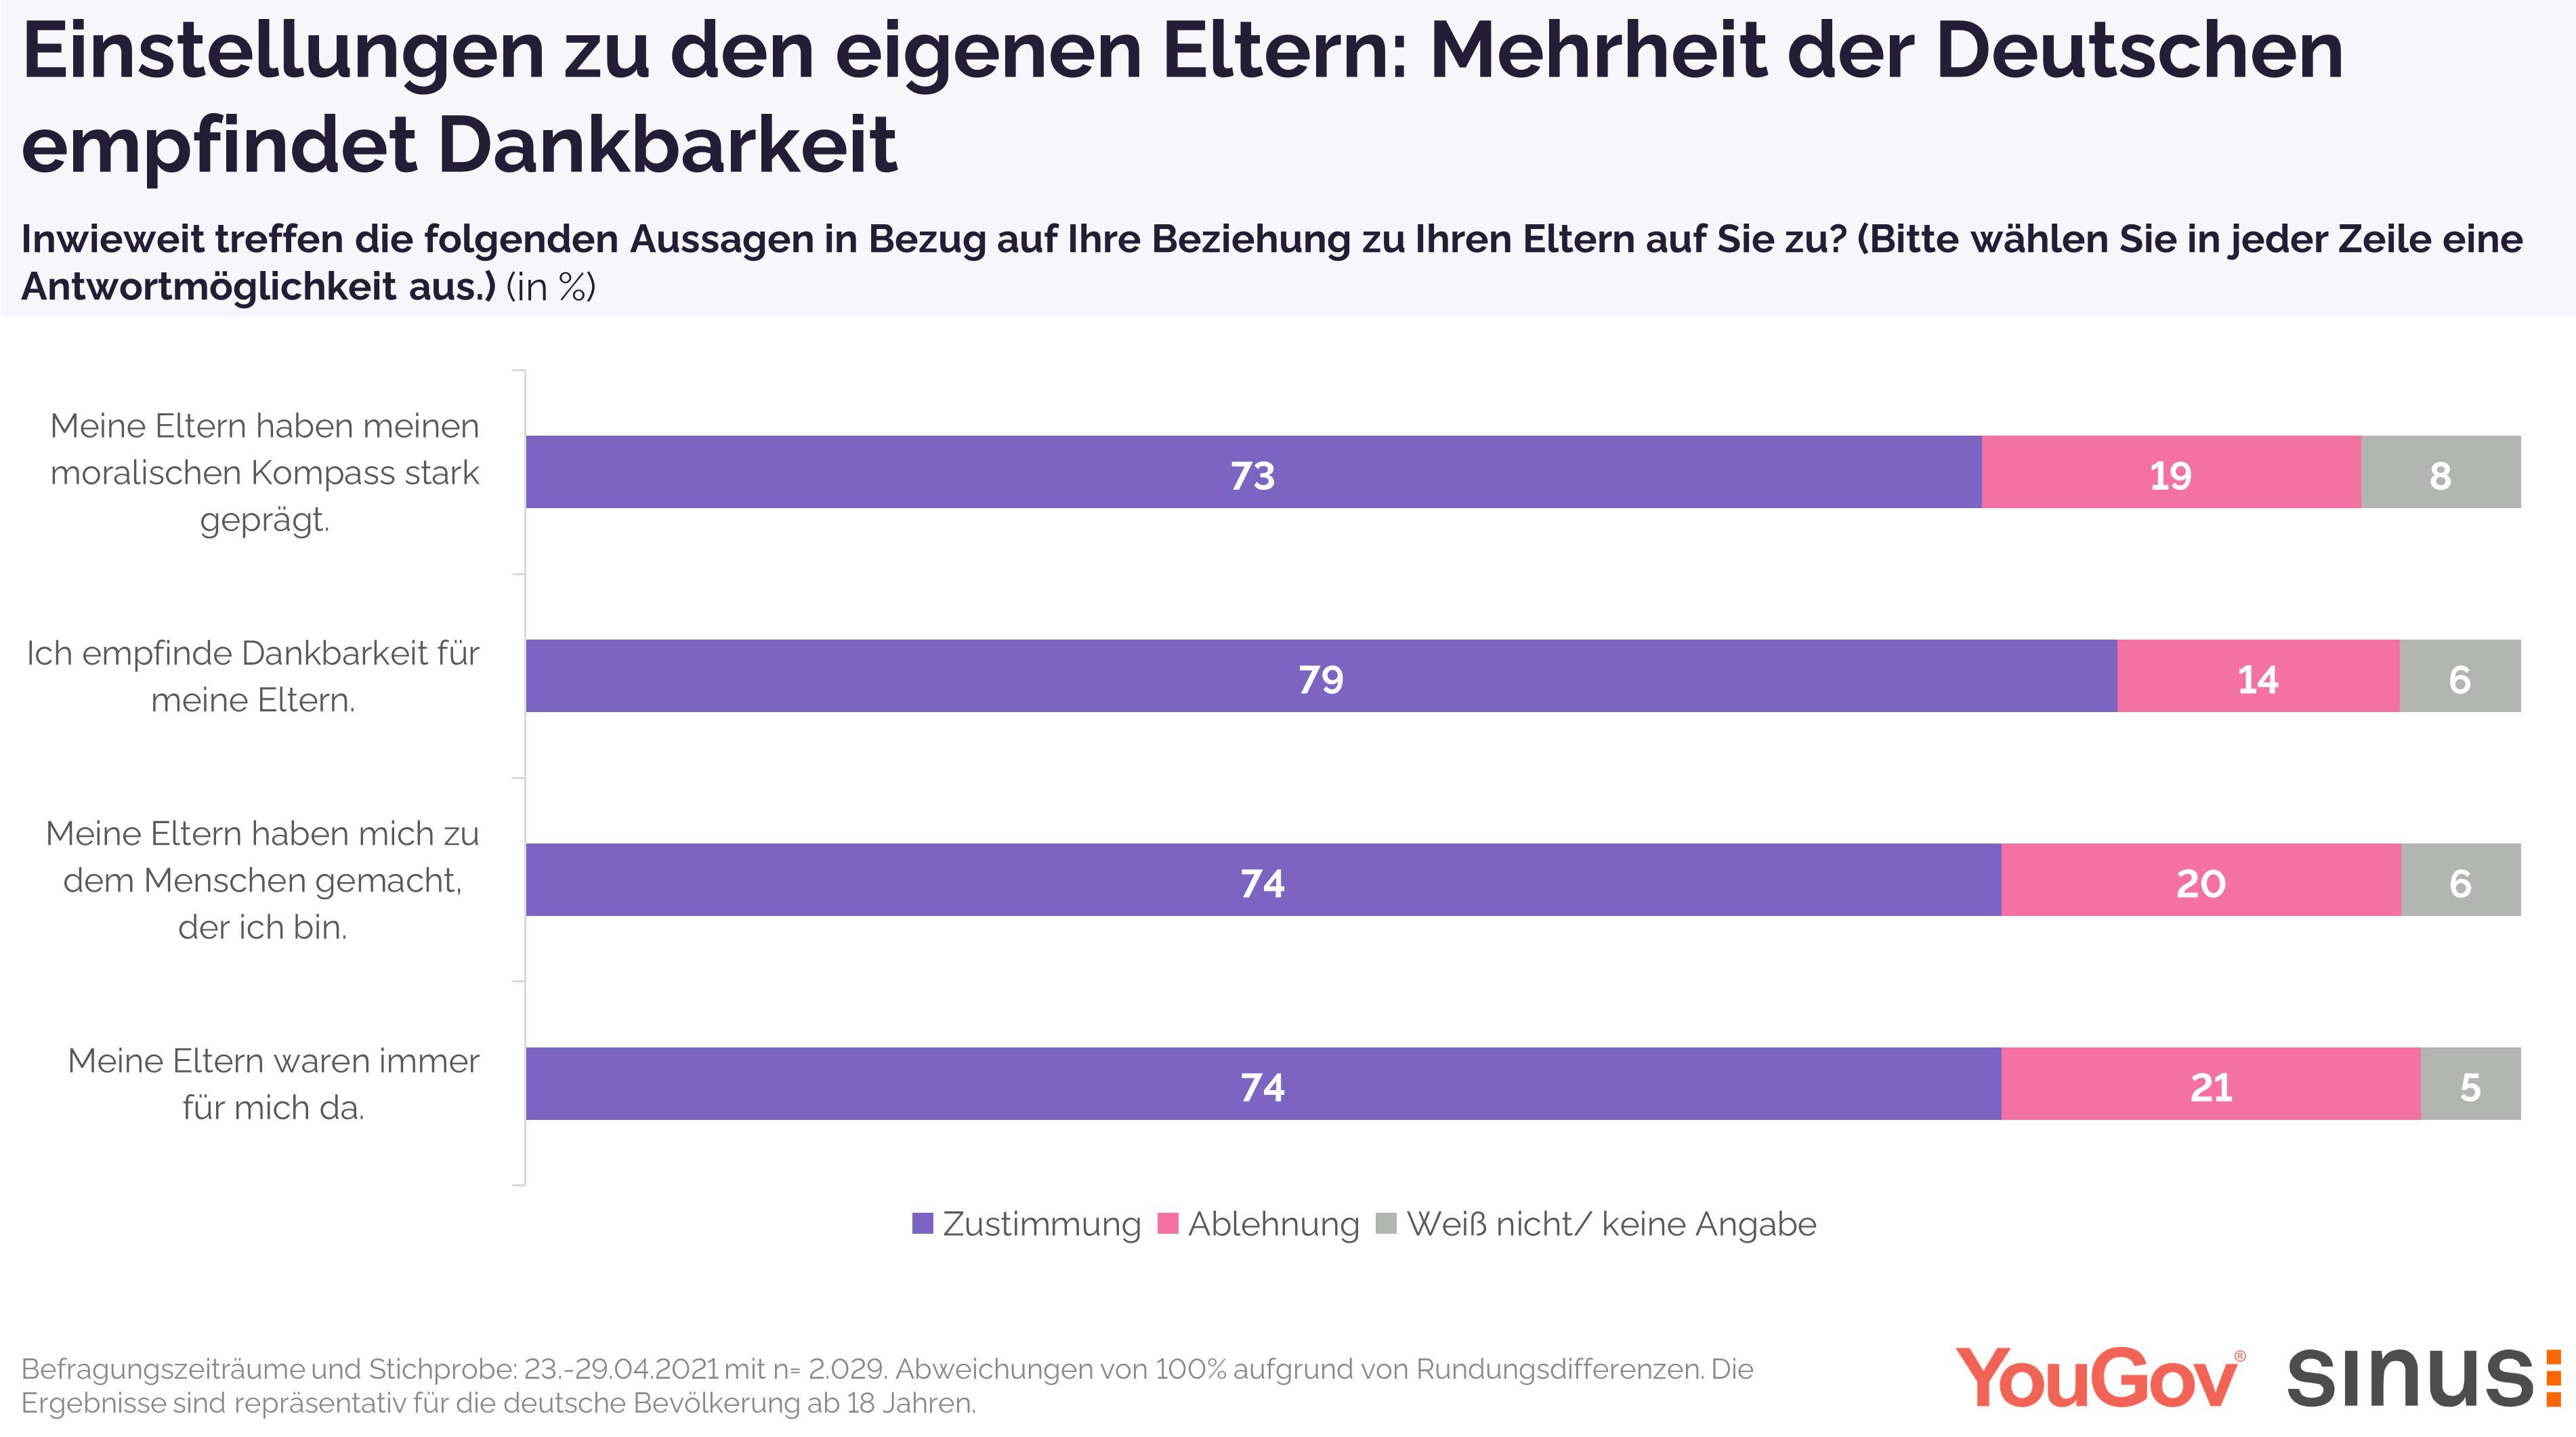 Mehrheit empfindet Dankbarkeit gegenüber den eigenen Eltern